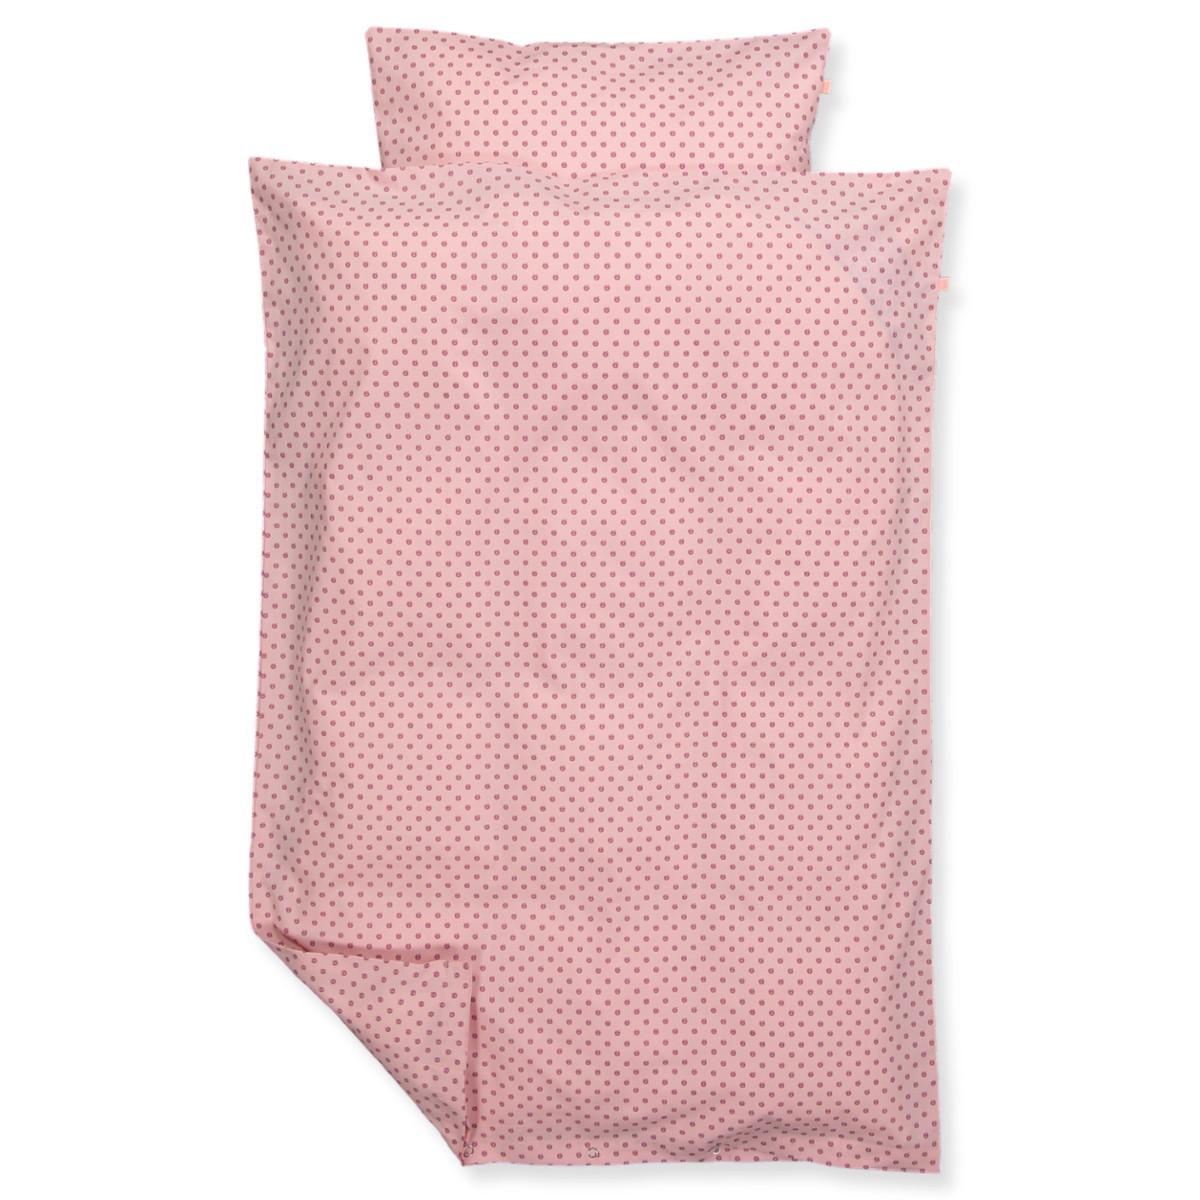 lyserødt sengetøj Småfolk   Lyserødt sengetøj   Rosa   House of Kids lyserødt sengetøj